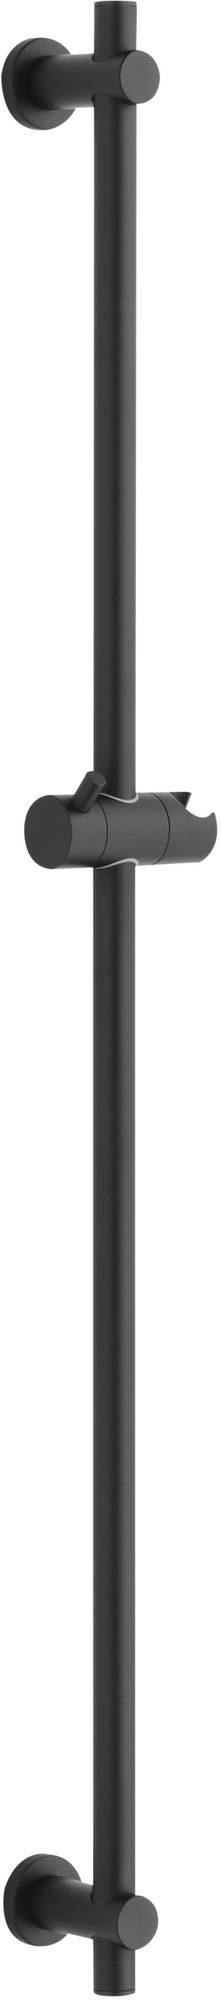 Best Design Nero glijstang 90cm mat zwart